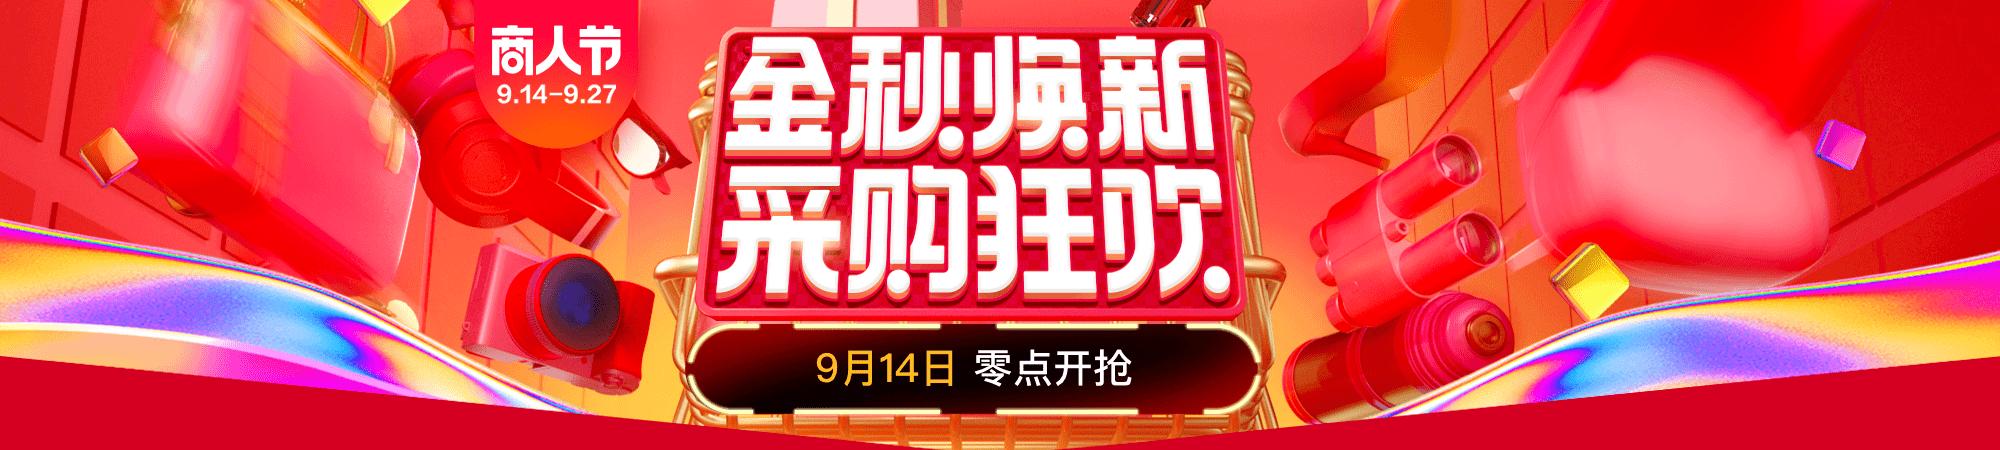 大促banner